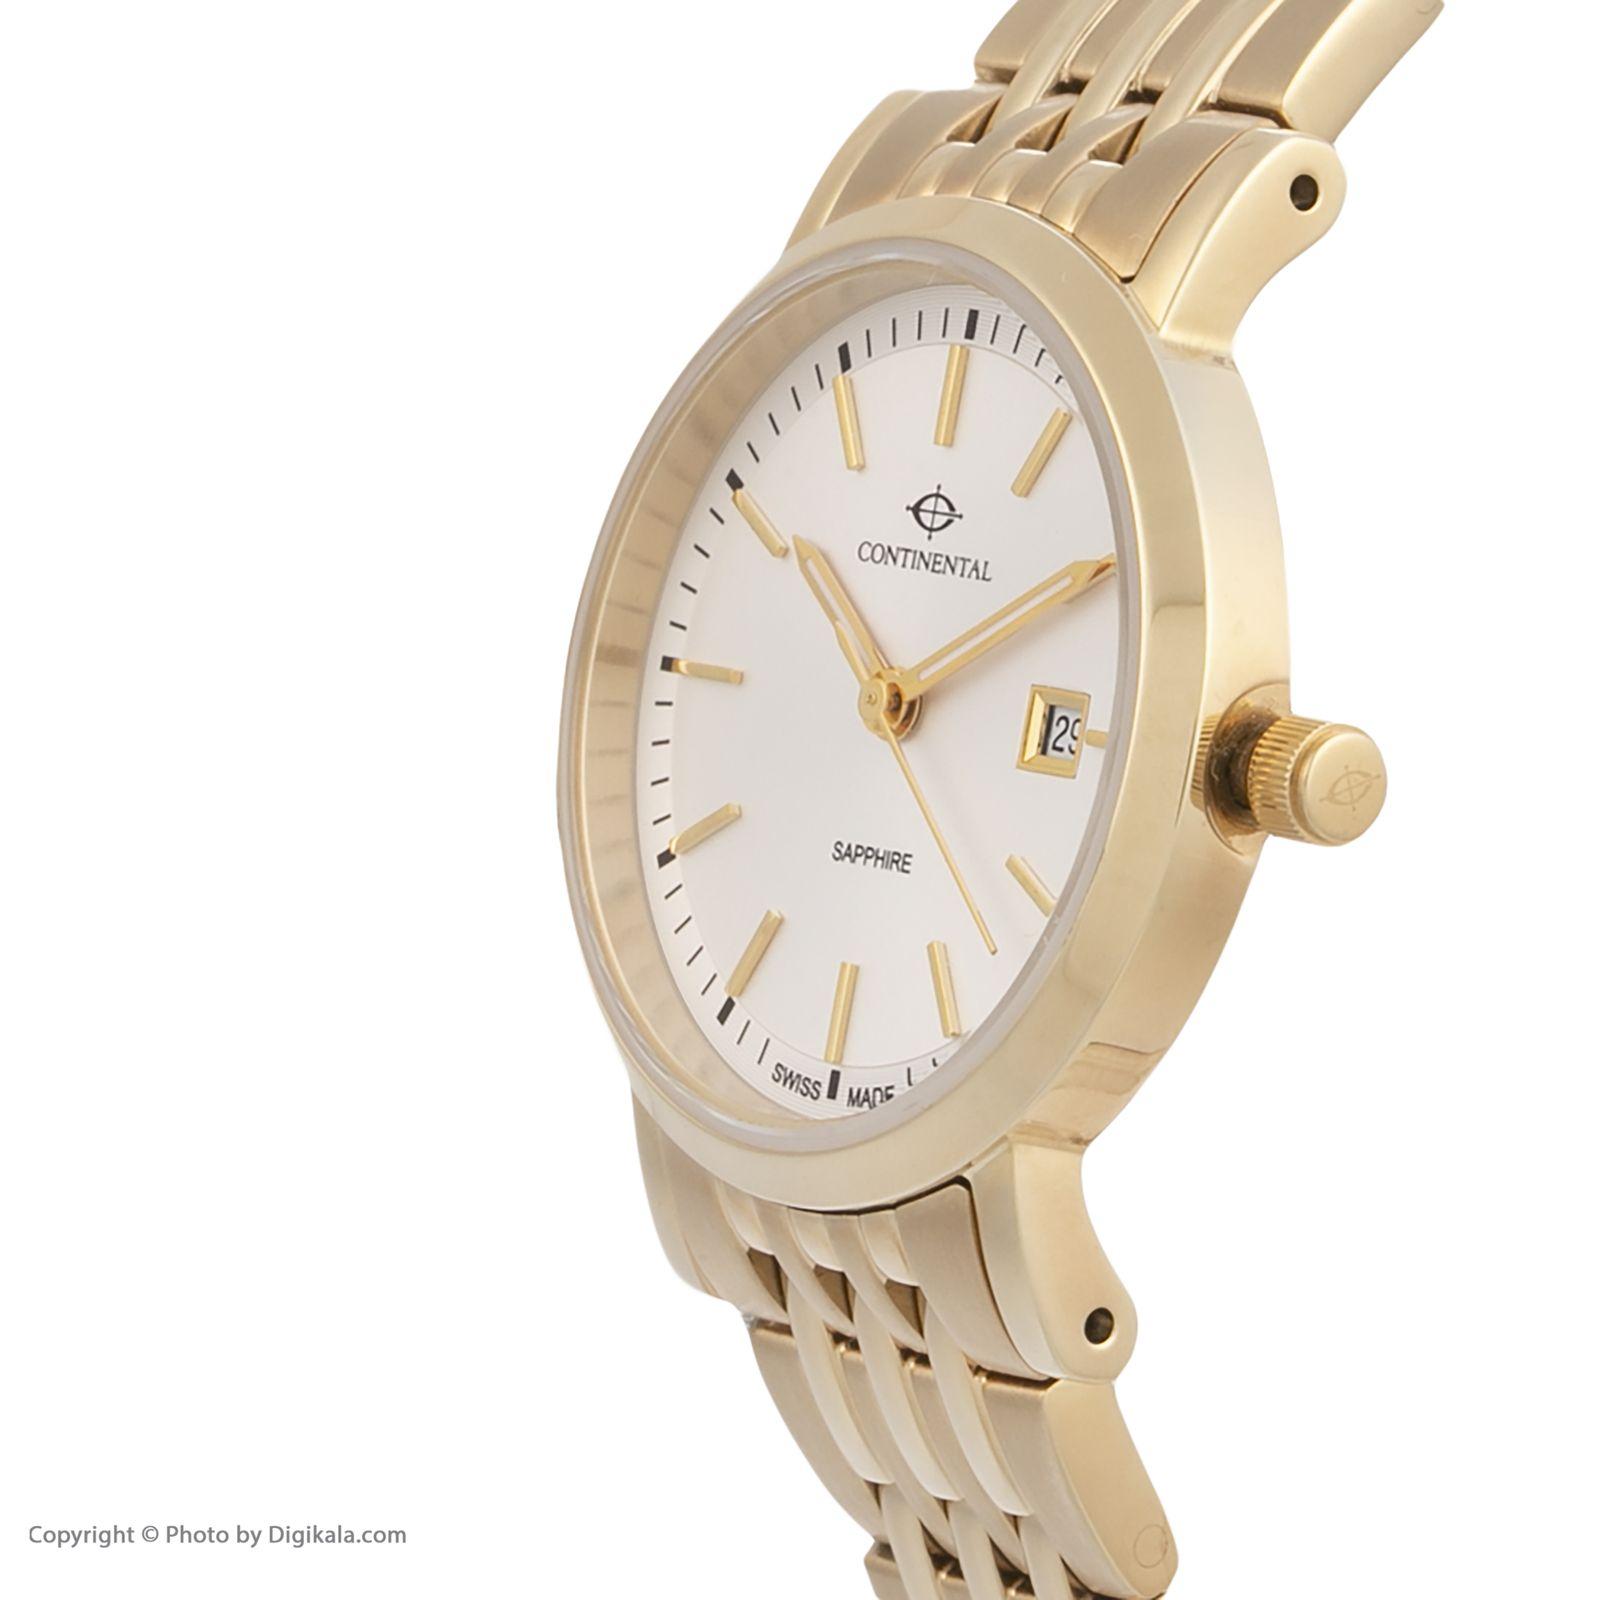 ساعت مچی عقربه ای زنانه کنتیننتال مدل 19101-LD202130 -  - 3